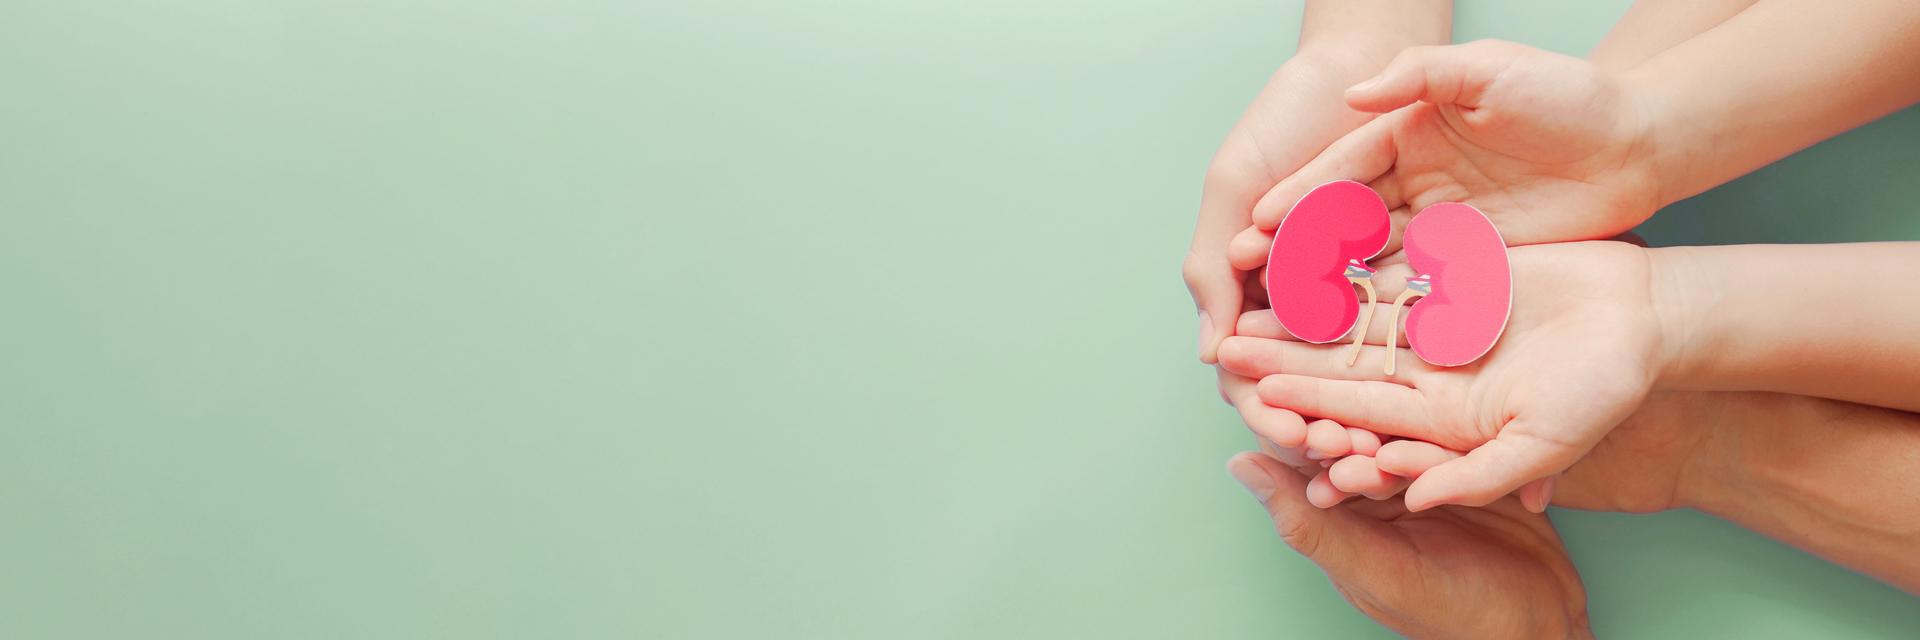 Quel que soit son âge, un même donneur peut sauver trois vies. Un point souligné par l'Agence de la biomédecine (ABM) ce 22 juin, à l'occasion de la